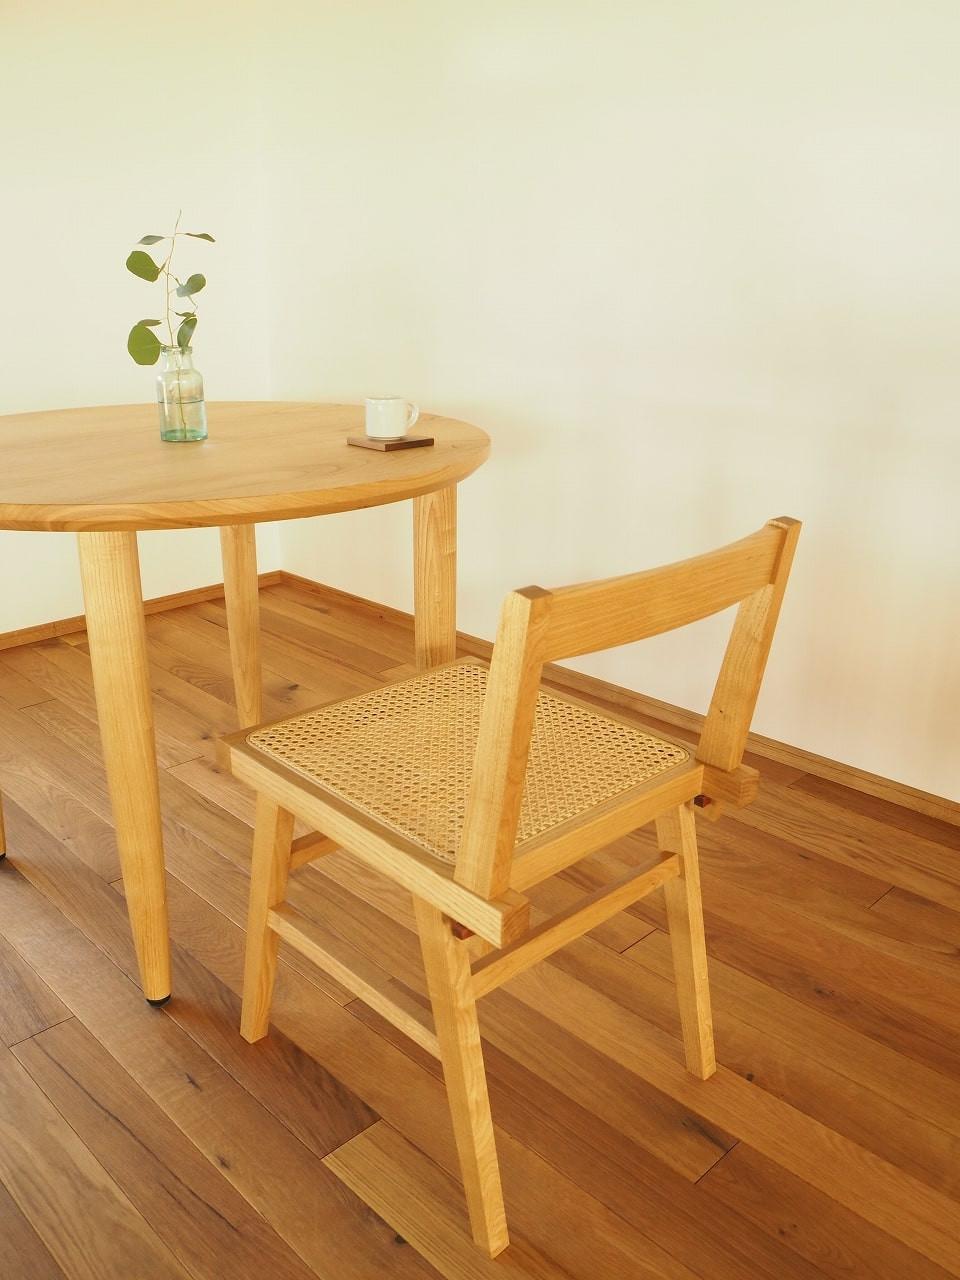 ラウンドテーブルとラタンの椅子の組み合わせ。ともに国産の栗材で製作しています。